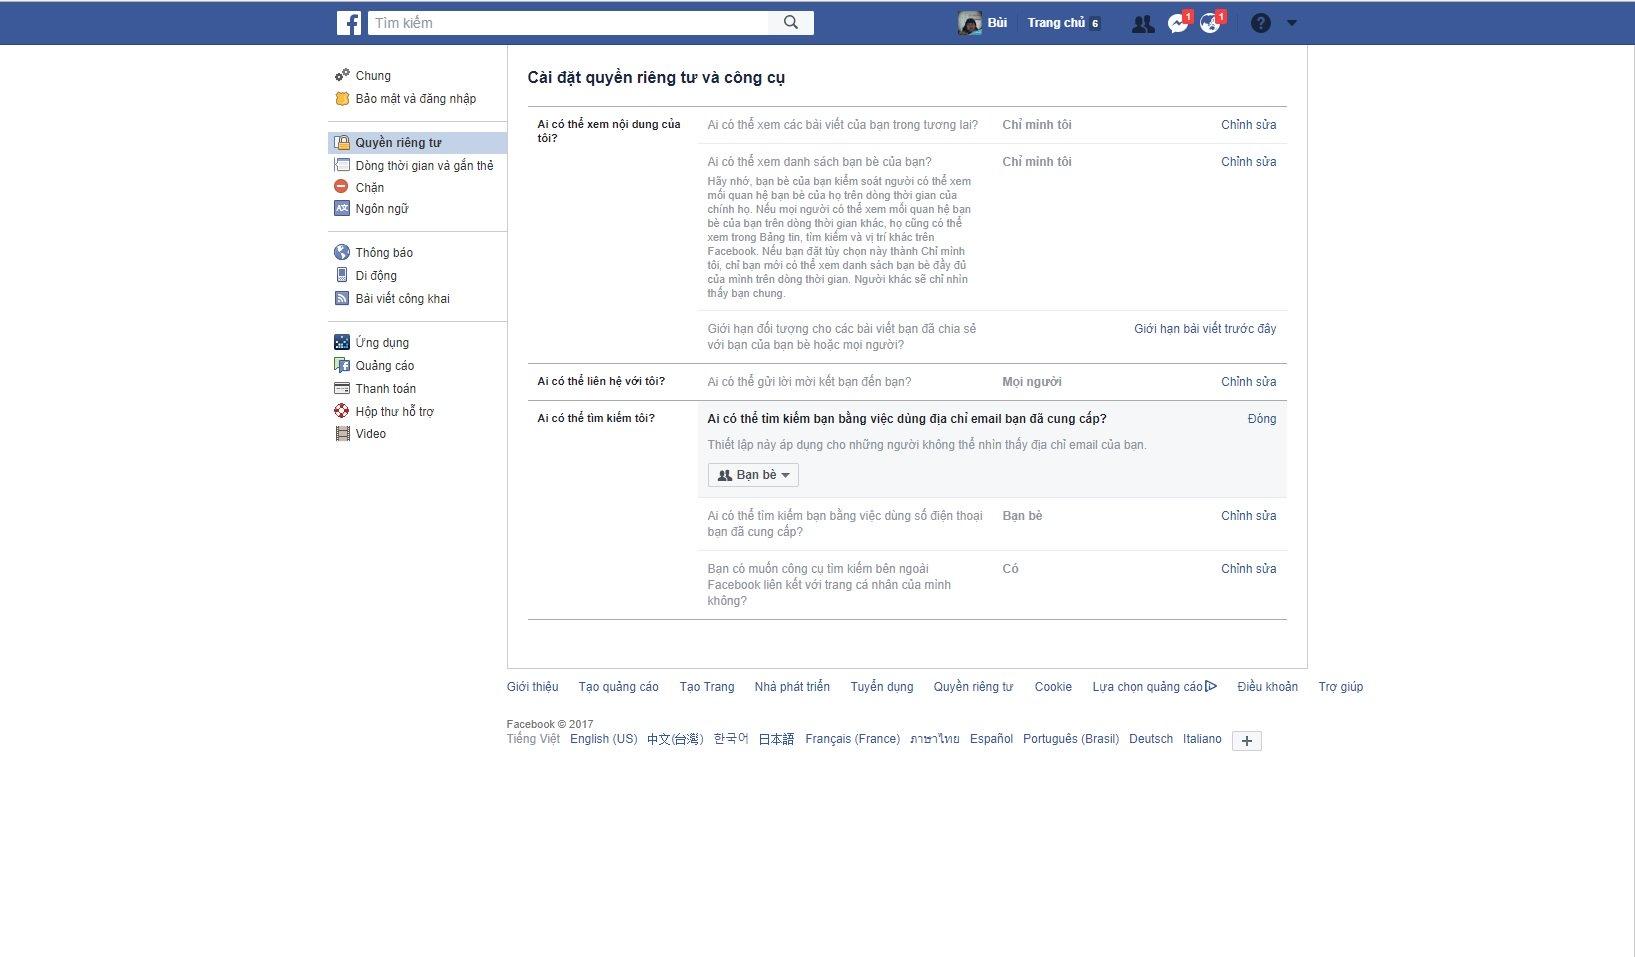 Hướng dẫn cách chống Report & bảo mật facebook 2021 6